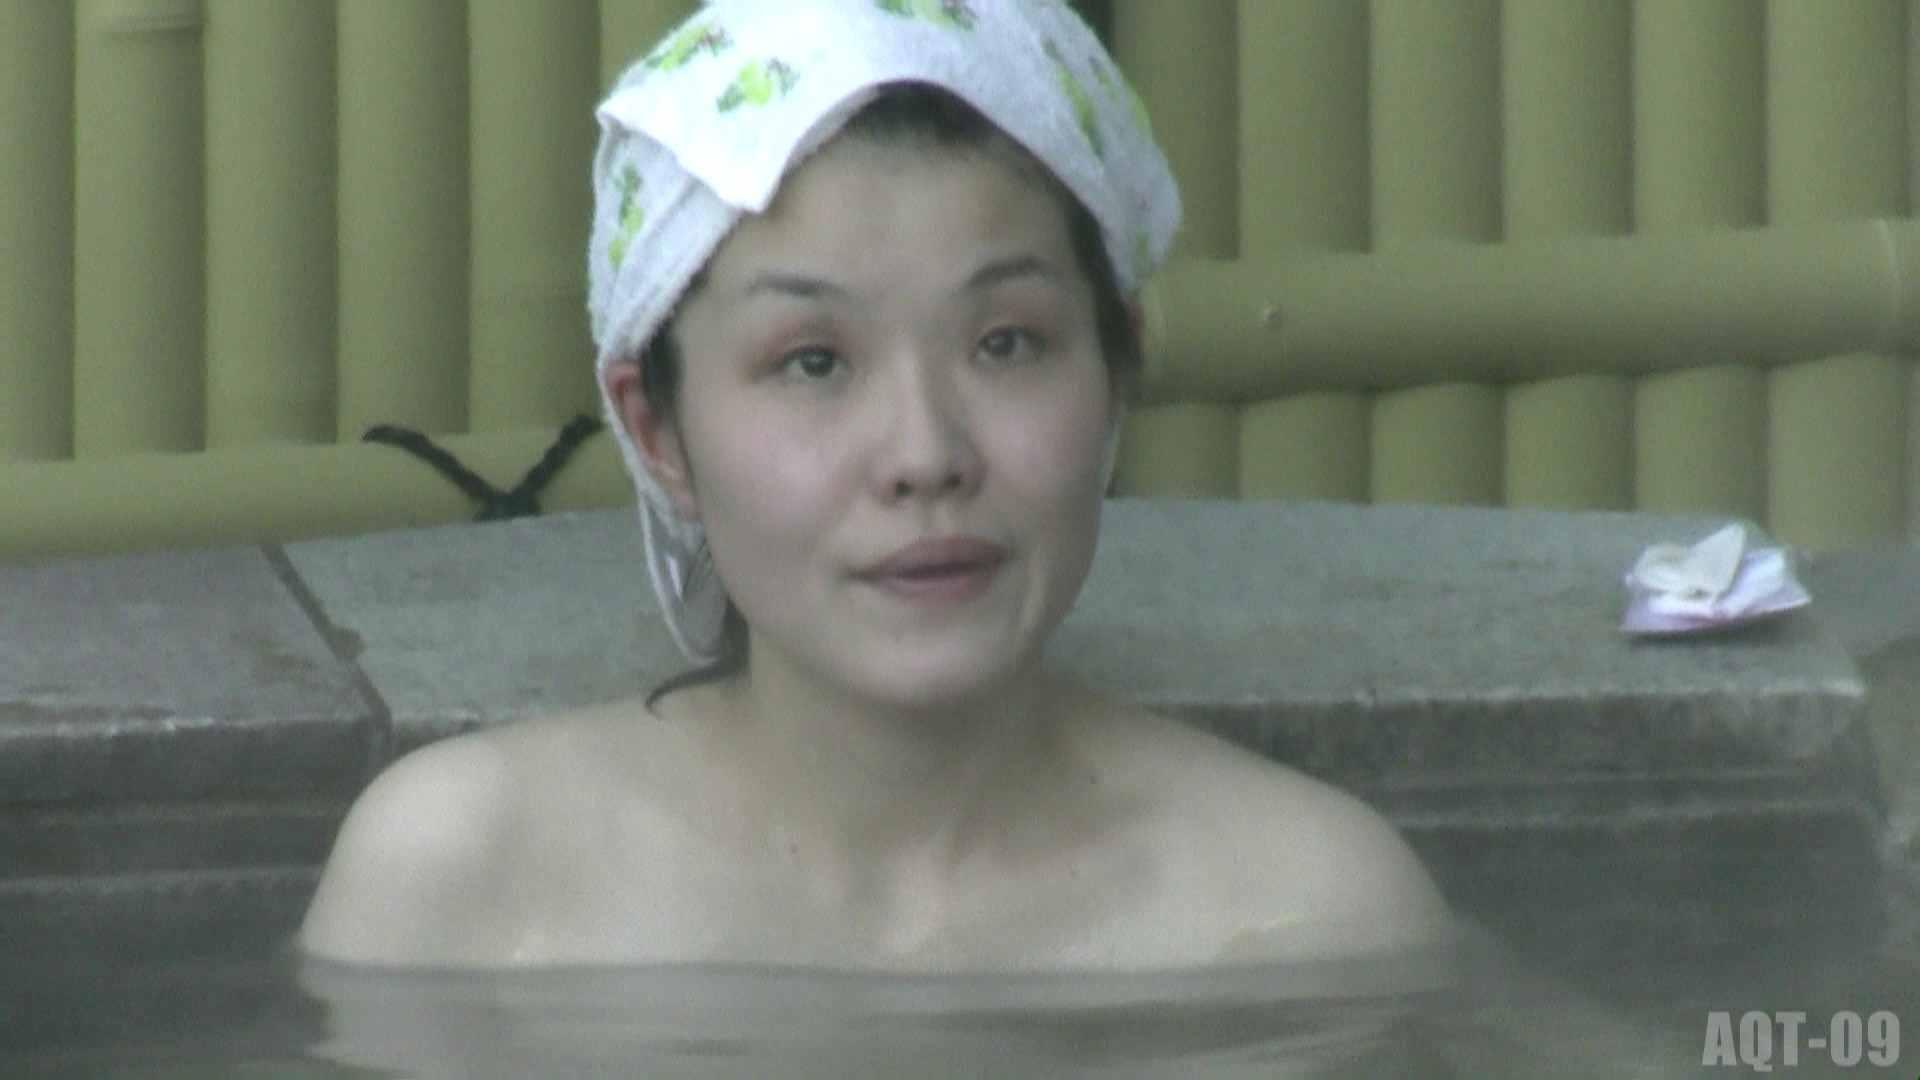 Aquaな露天風呂Vol.786 エッチな盗撮 エロ画像 99pic 67